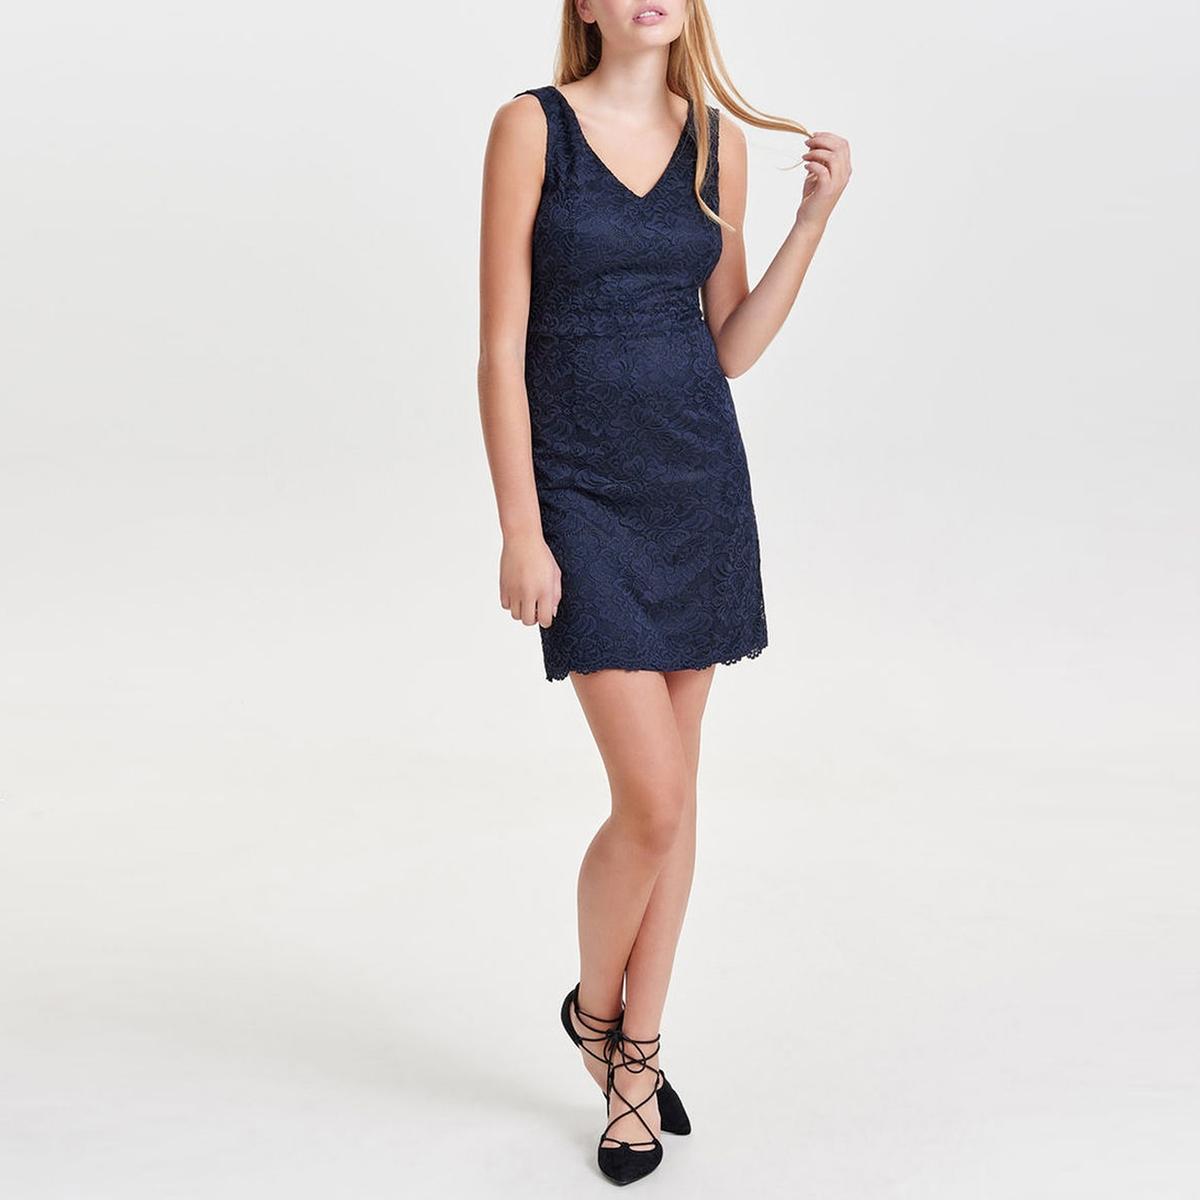 Платье из кружева Bobbieкружевное платье. Без рукавов.  V-образное декольте спереди, глубокий V-образный вырез сзади . Приталенный покрой. Скрытая застежка на молнию сзади. Разрез до пояса. Волнистый низ. На подкладке.  Состав и описаниеМатериал : 70% полиэстера, 25% вискозы, 5% эластанаМарка : Only.Модель : Bobbie CrochetУход:Просьба руководствоваться советами по уходу, указанными на этикетке товара  .<br><br>Цвет: темно-синий,черный<br>Размер: 40 (FR) - 46 (RUS).38 (FR) - 44 (RUS).40 (FR) - 46 (RUS).38 (FR) - 44 (RUS)